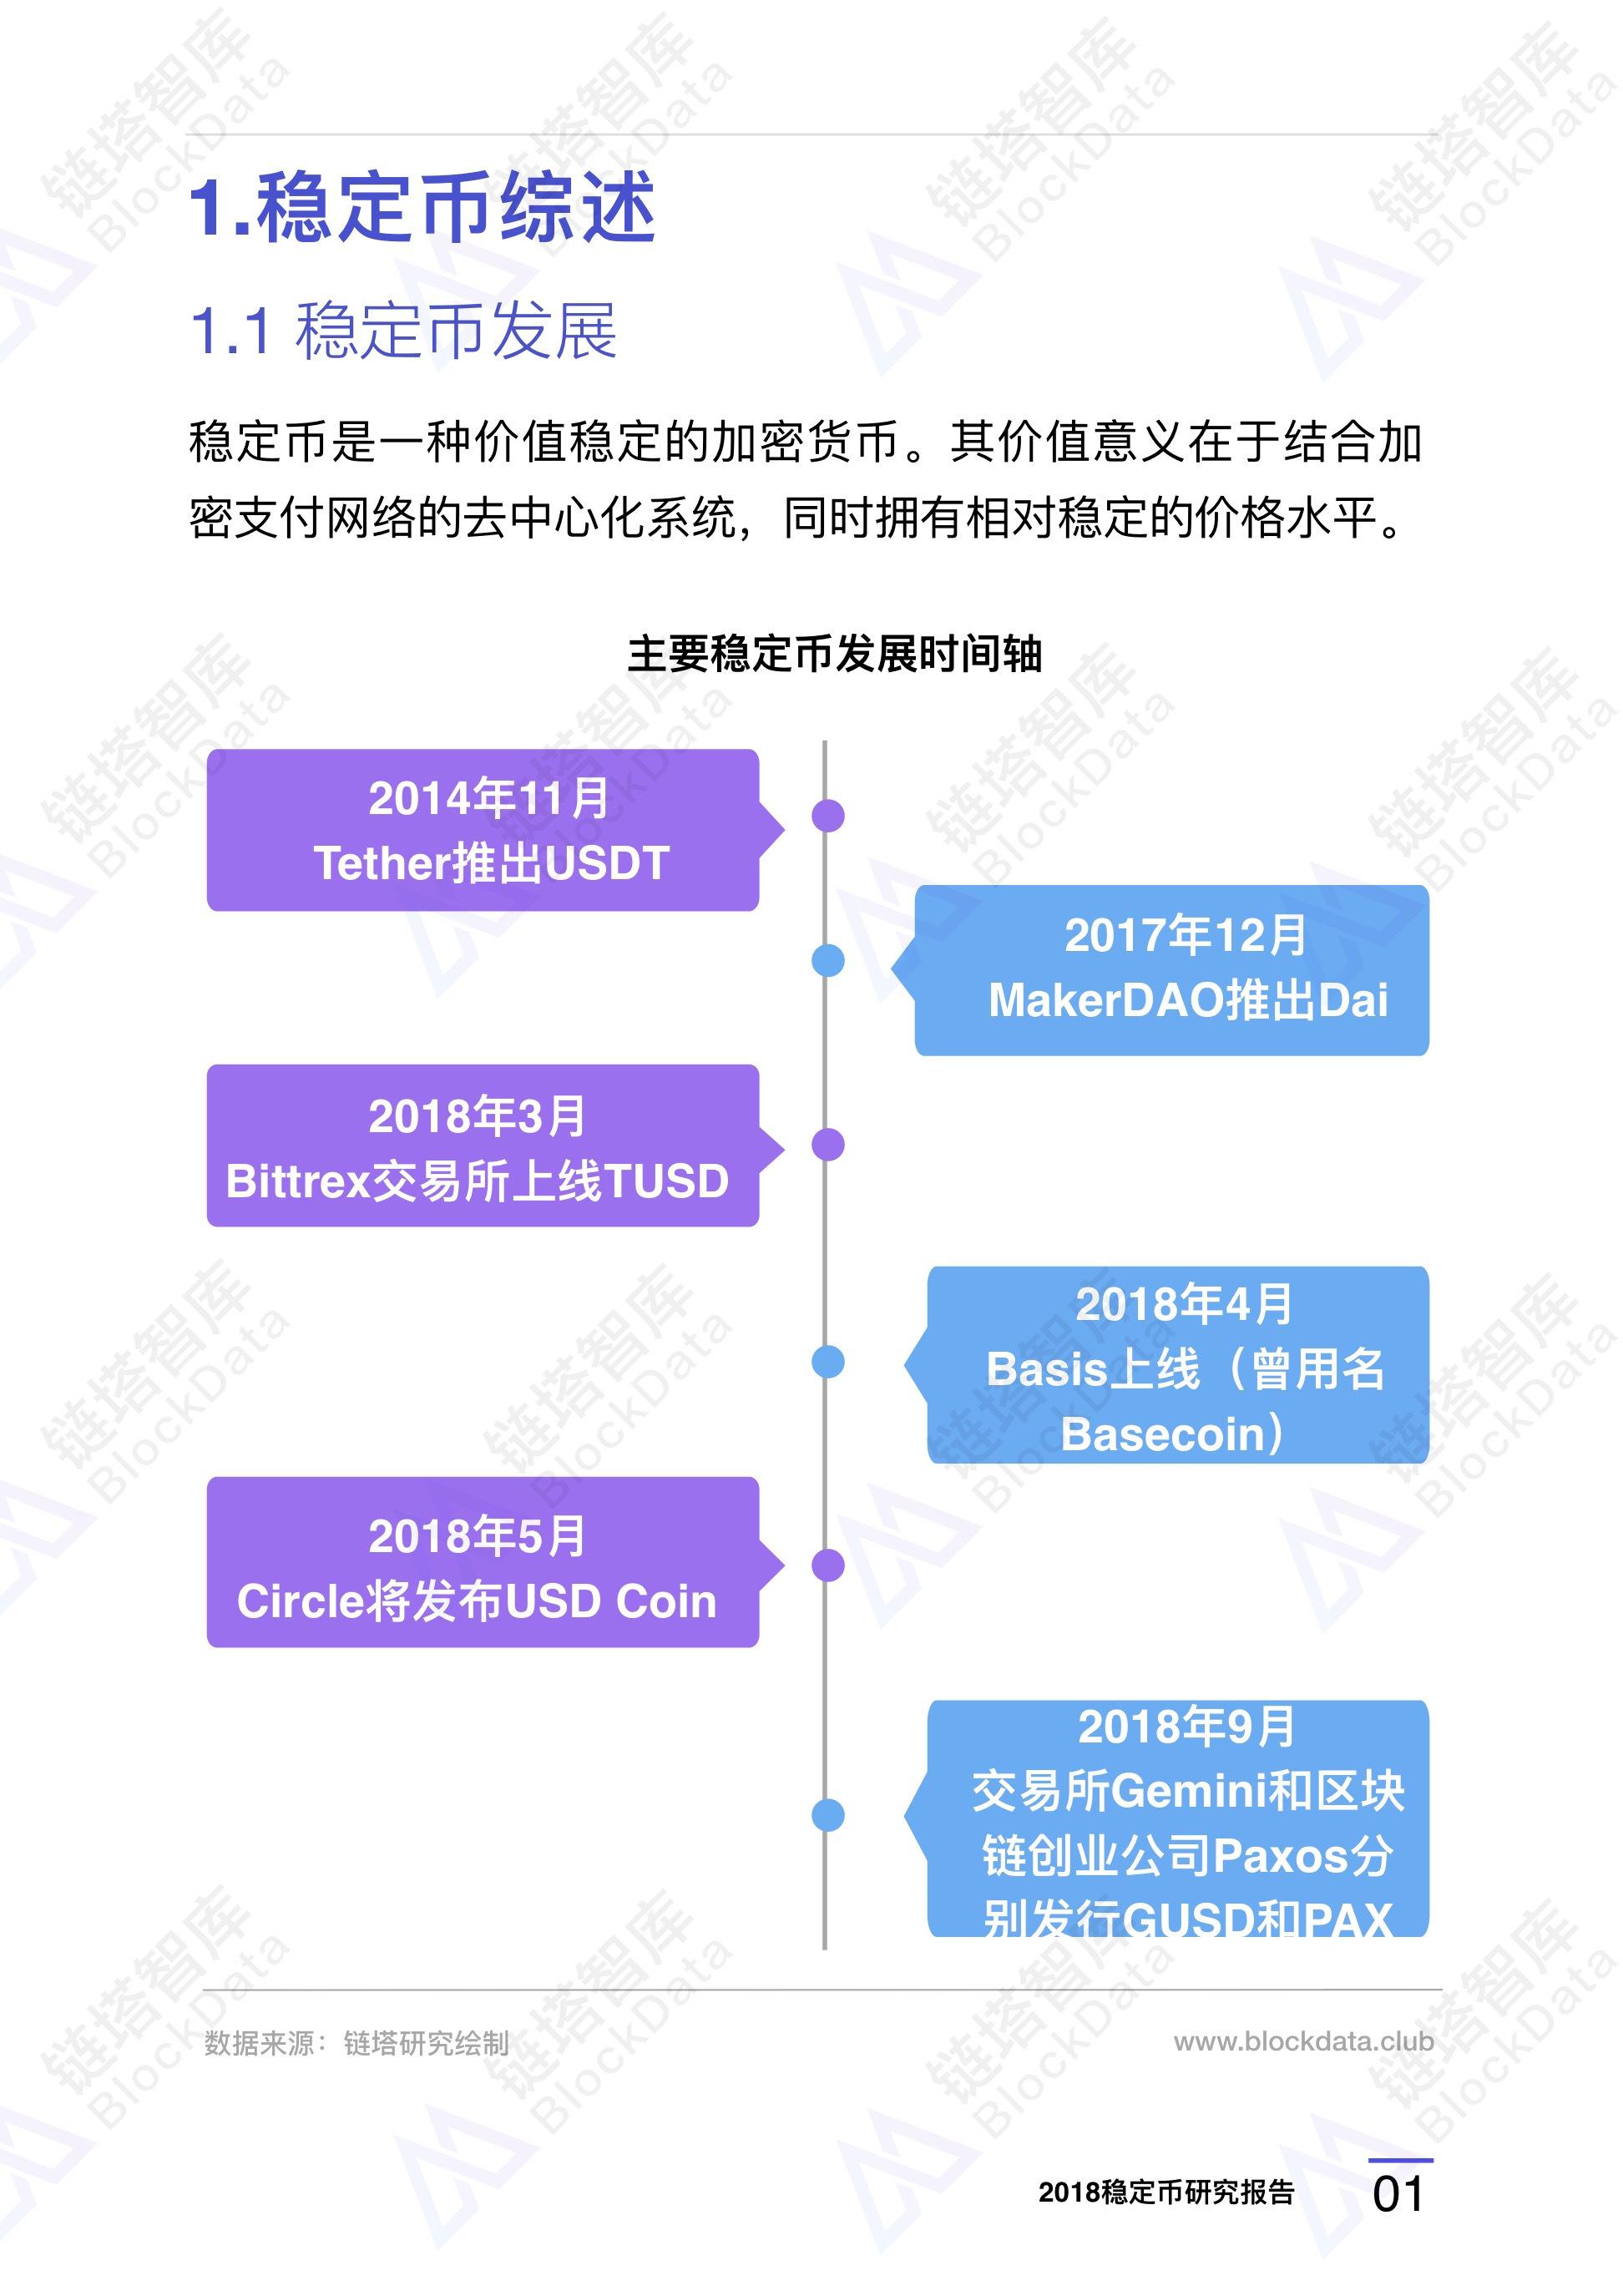 2018稳定币研究报告2.0:总览六大类别,一图涵盖稳定币项目